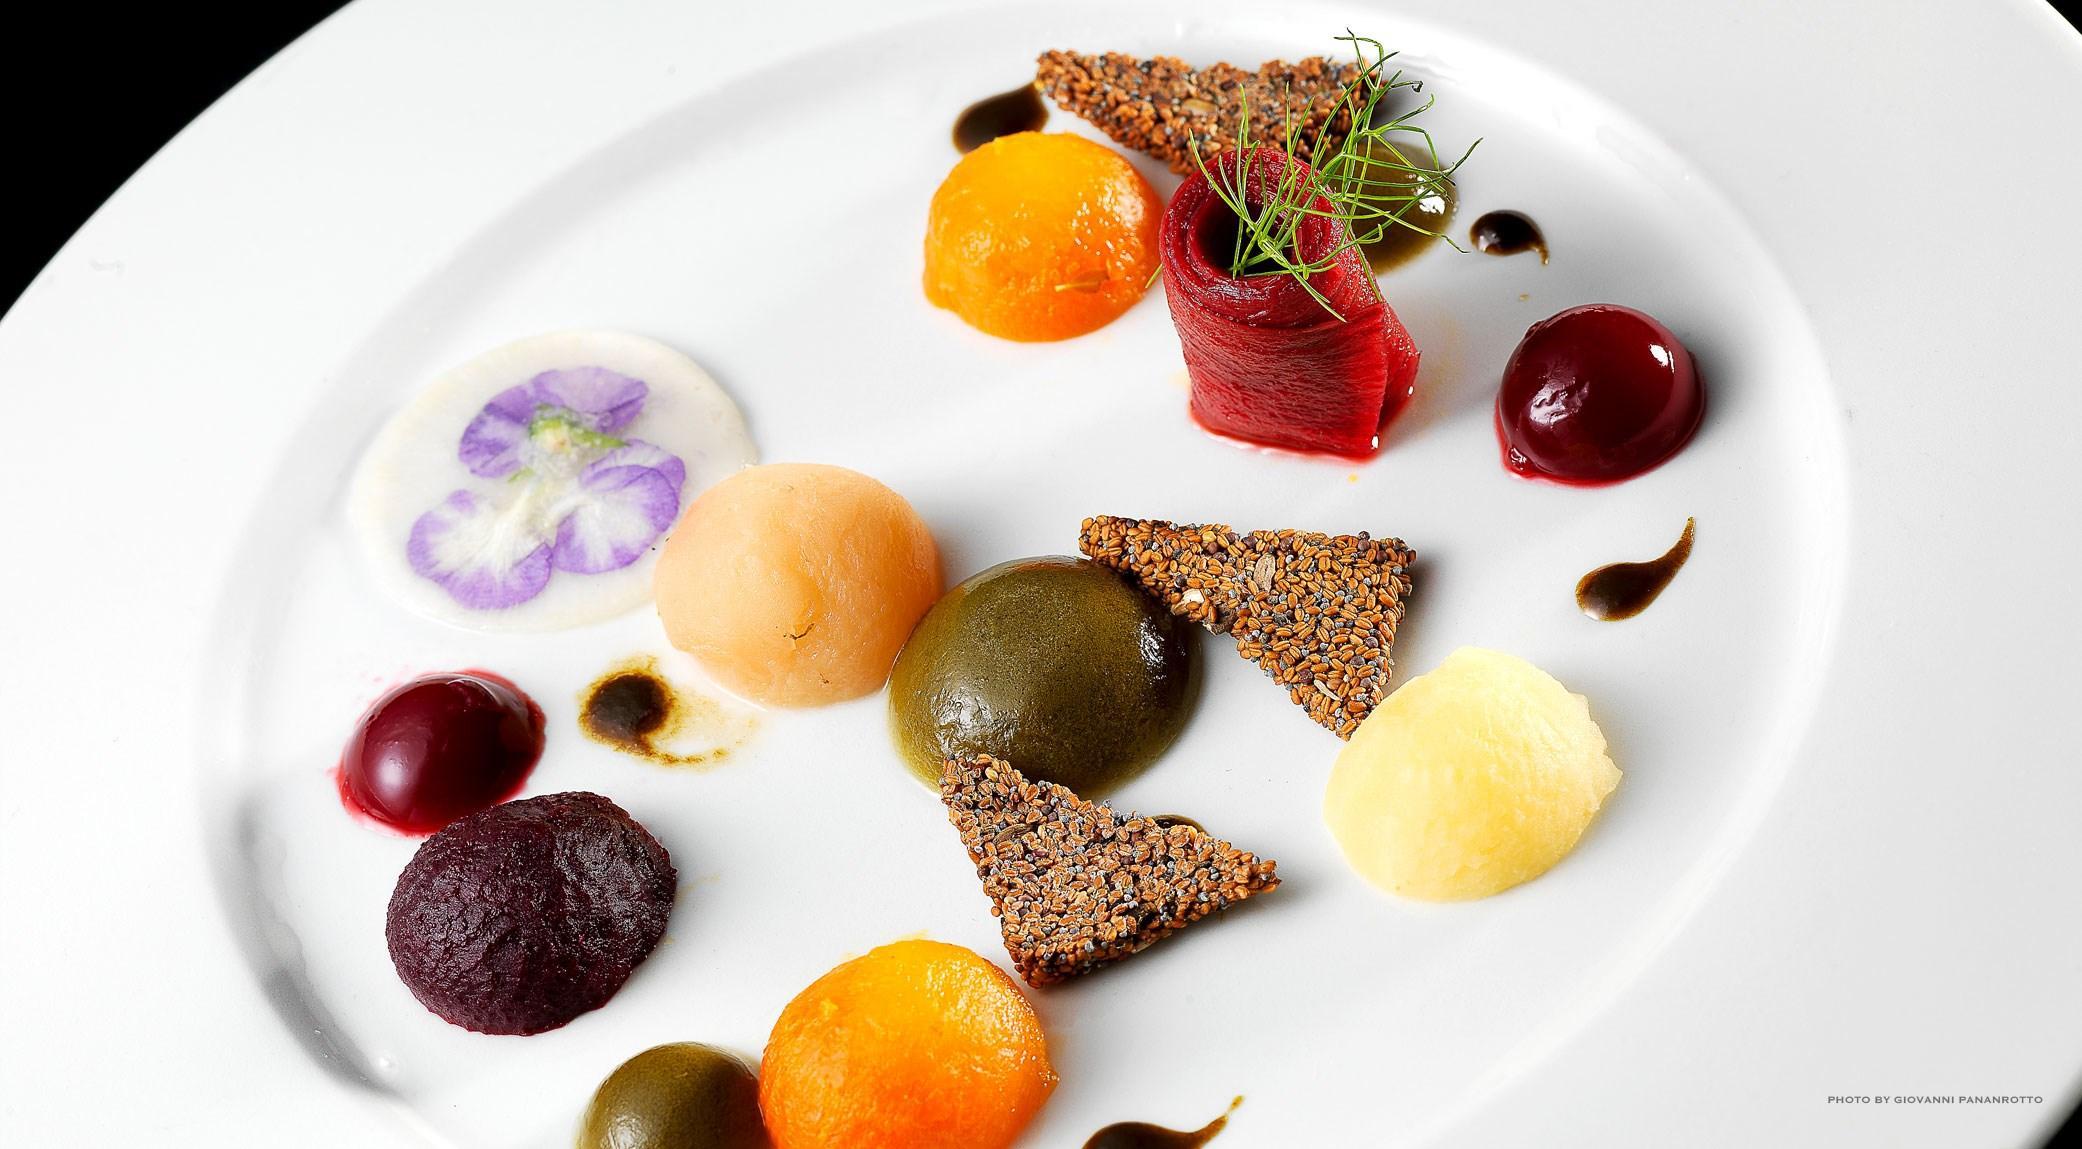 009-spring-vegetables-femke-van-den-Heuvel